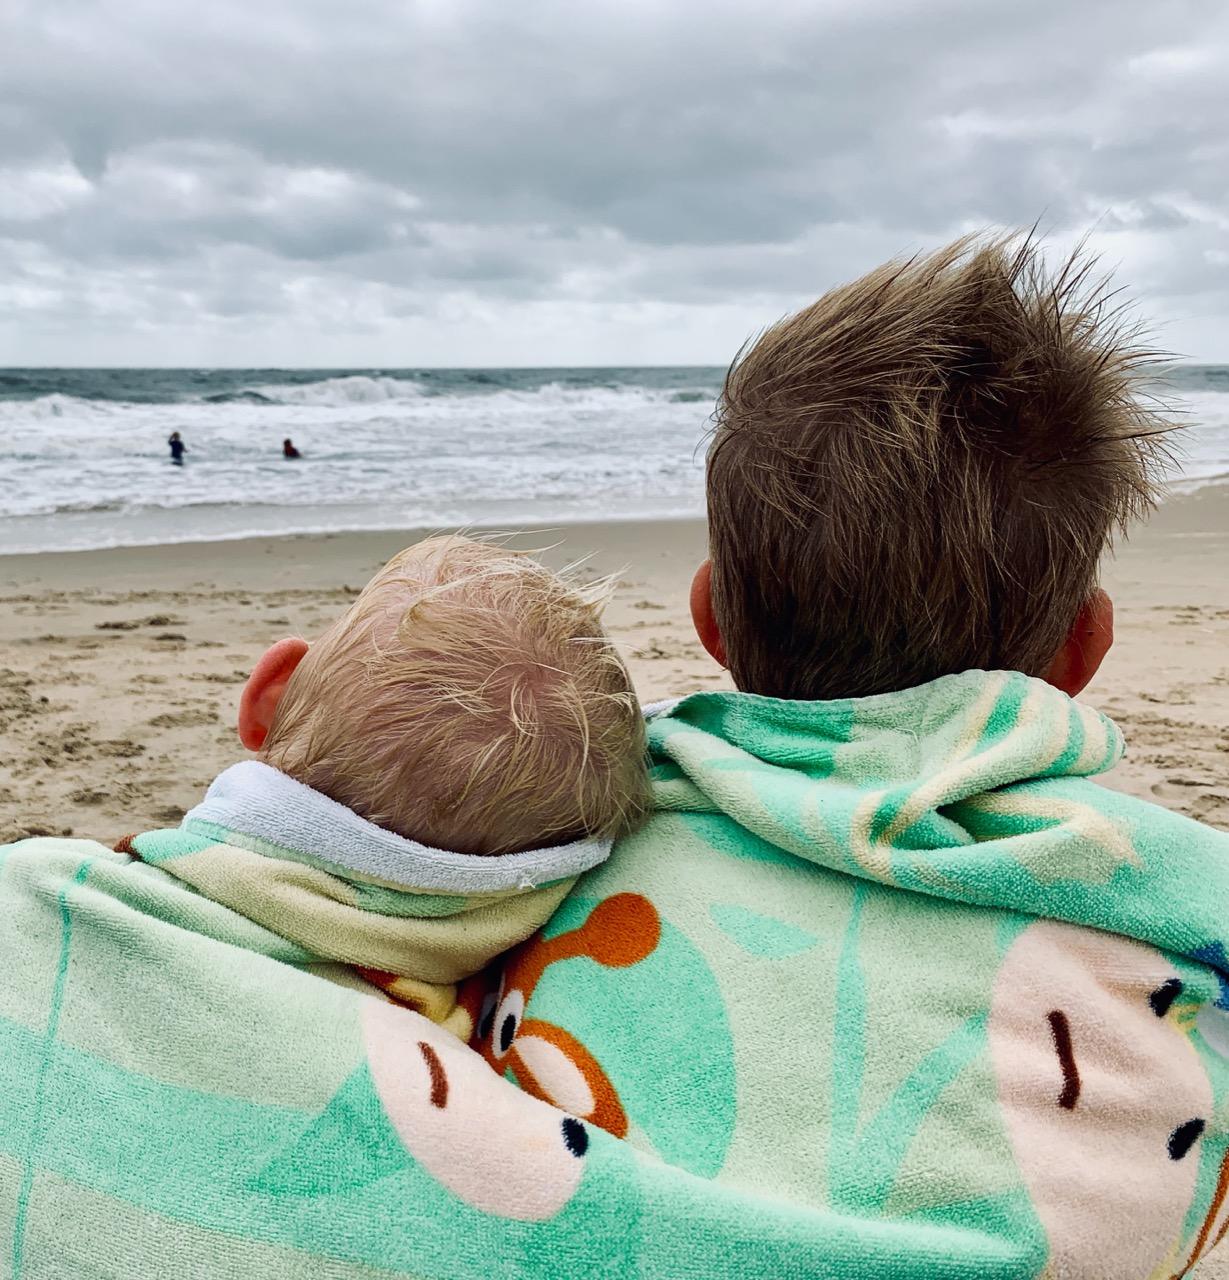 boys sitting on the beach